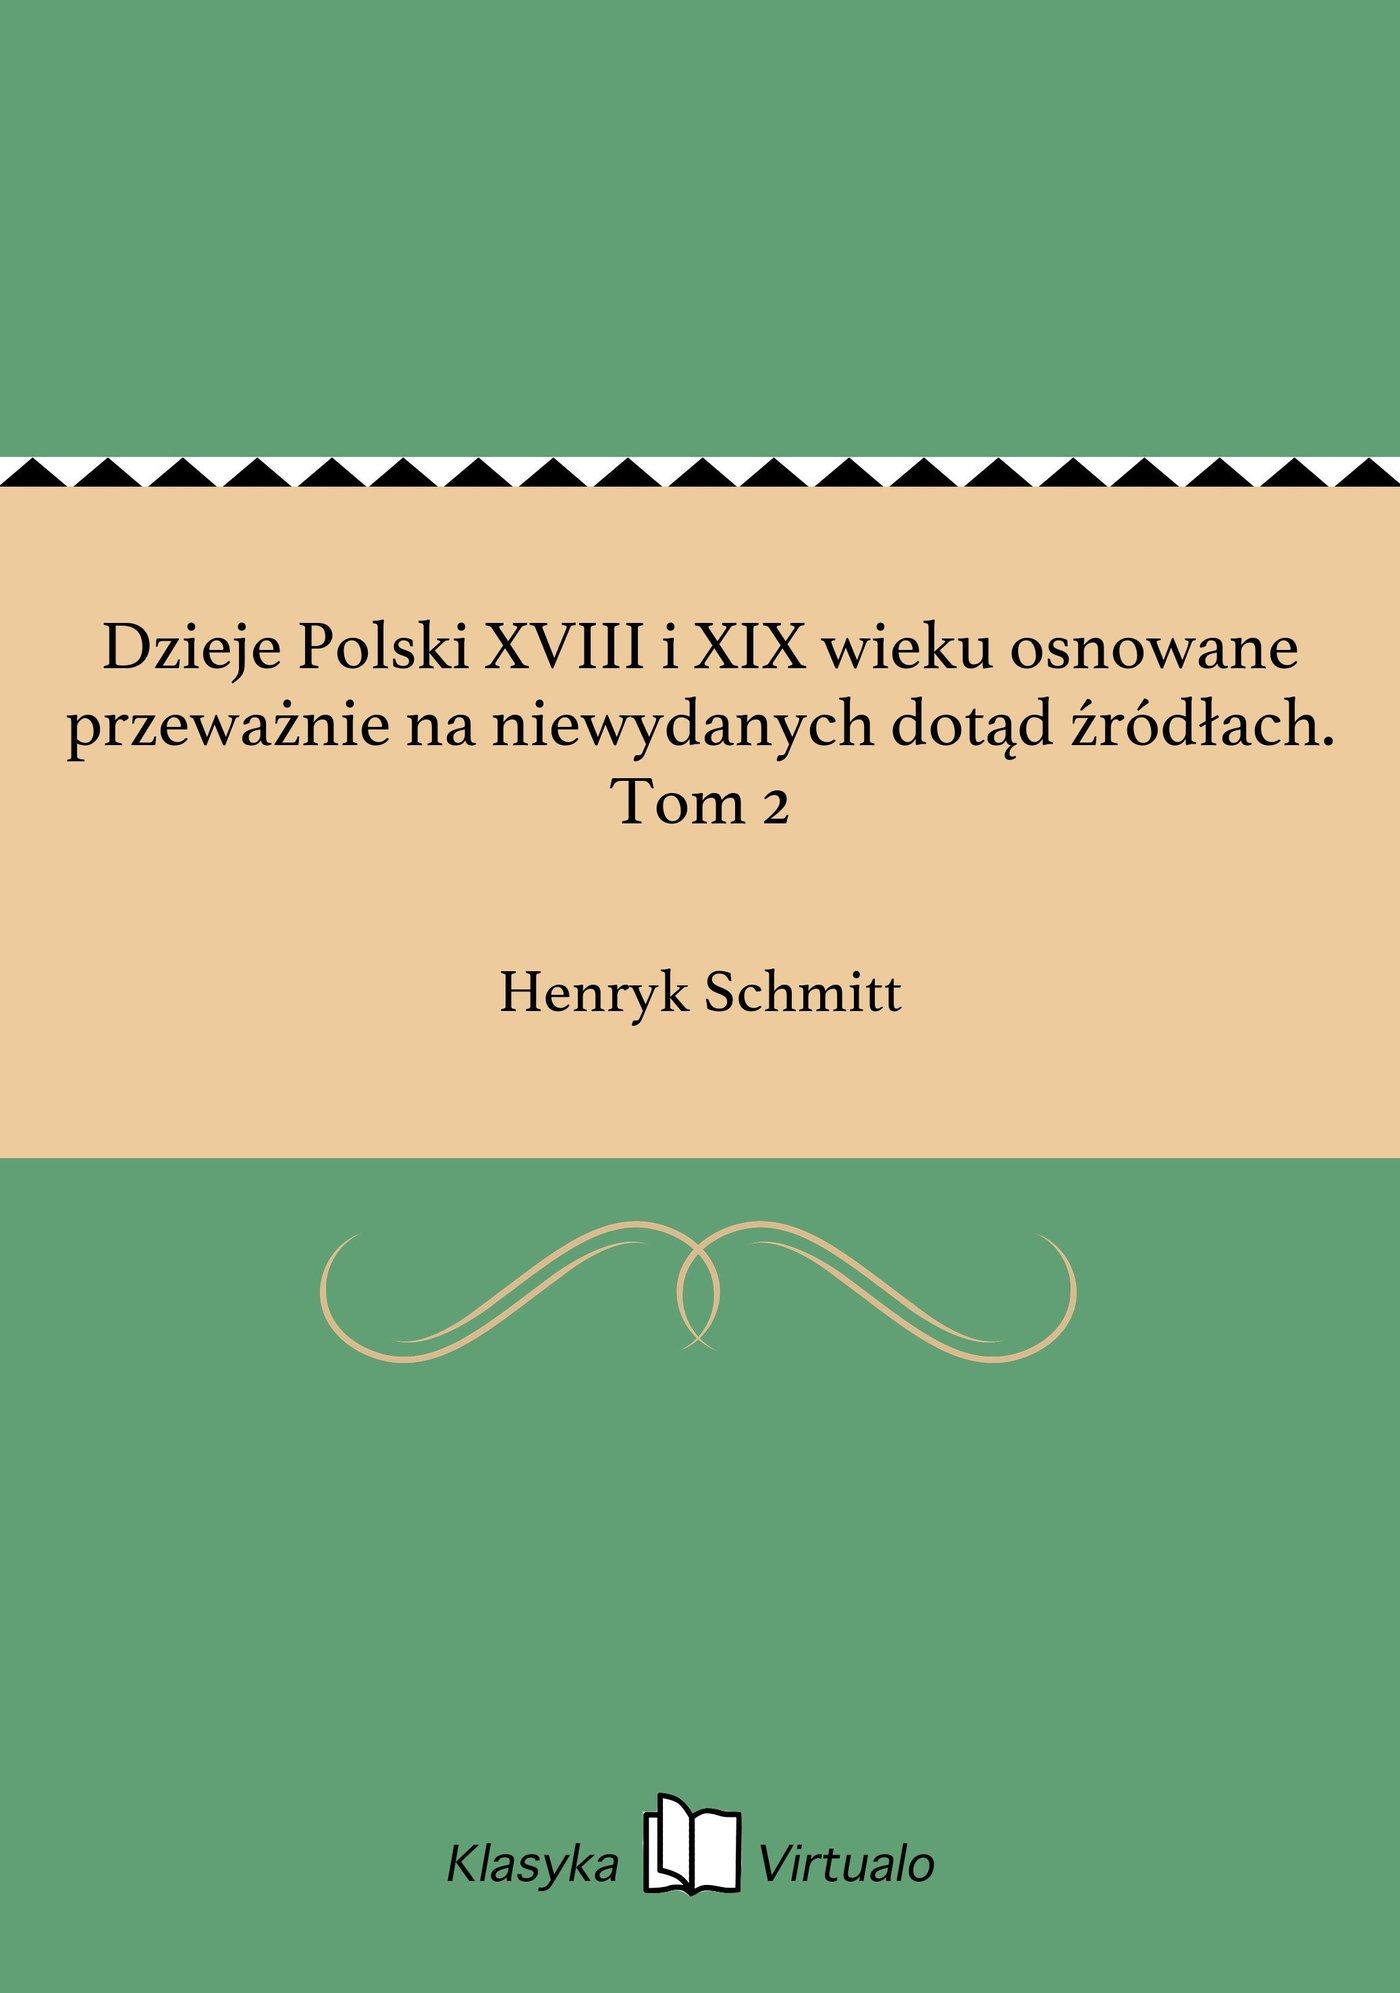 Dzieje Polski XVIII i XIX wieku osnowane przeważnie na niewydanych dotąd źródłach. Tom 2 - Ebook (Książka EPUB) do pobrania w formacie EPUB